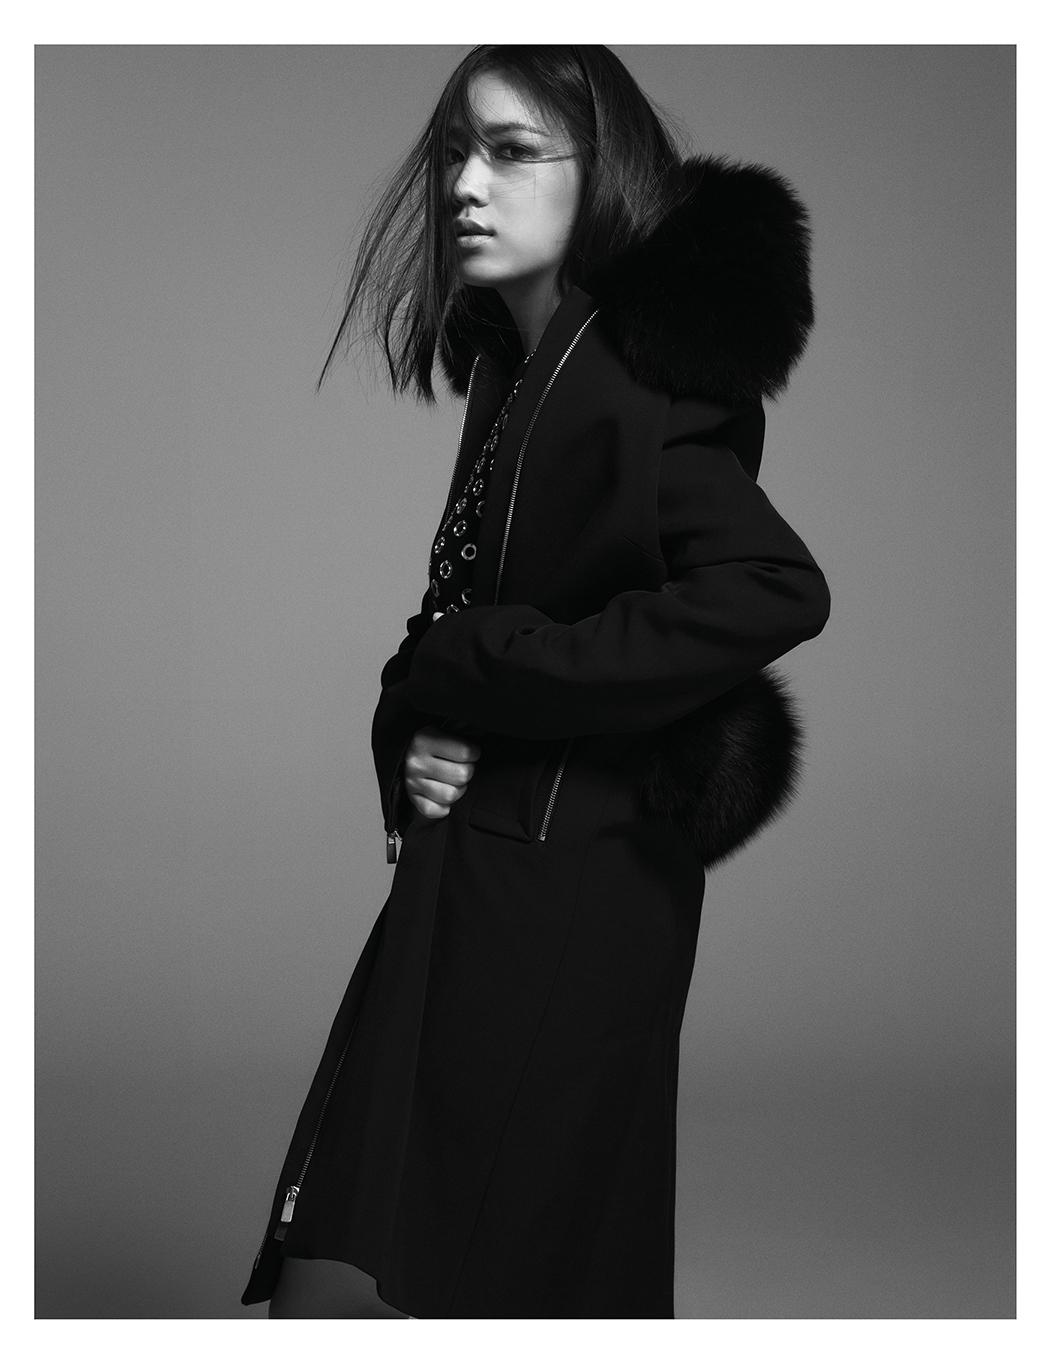 퍼가 장식된 모직 코트는 6백65만원대,  스터드 디테일의 니트 원피스는 3백50만원대로 모두 Michael Kors Collection 제품.